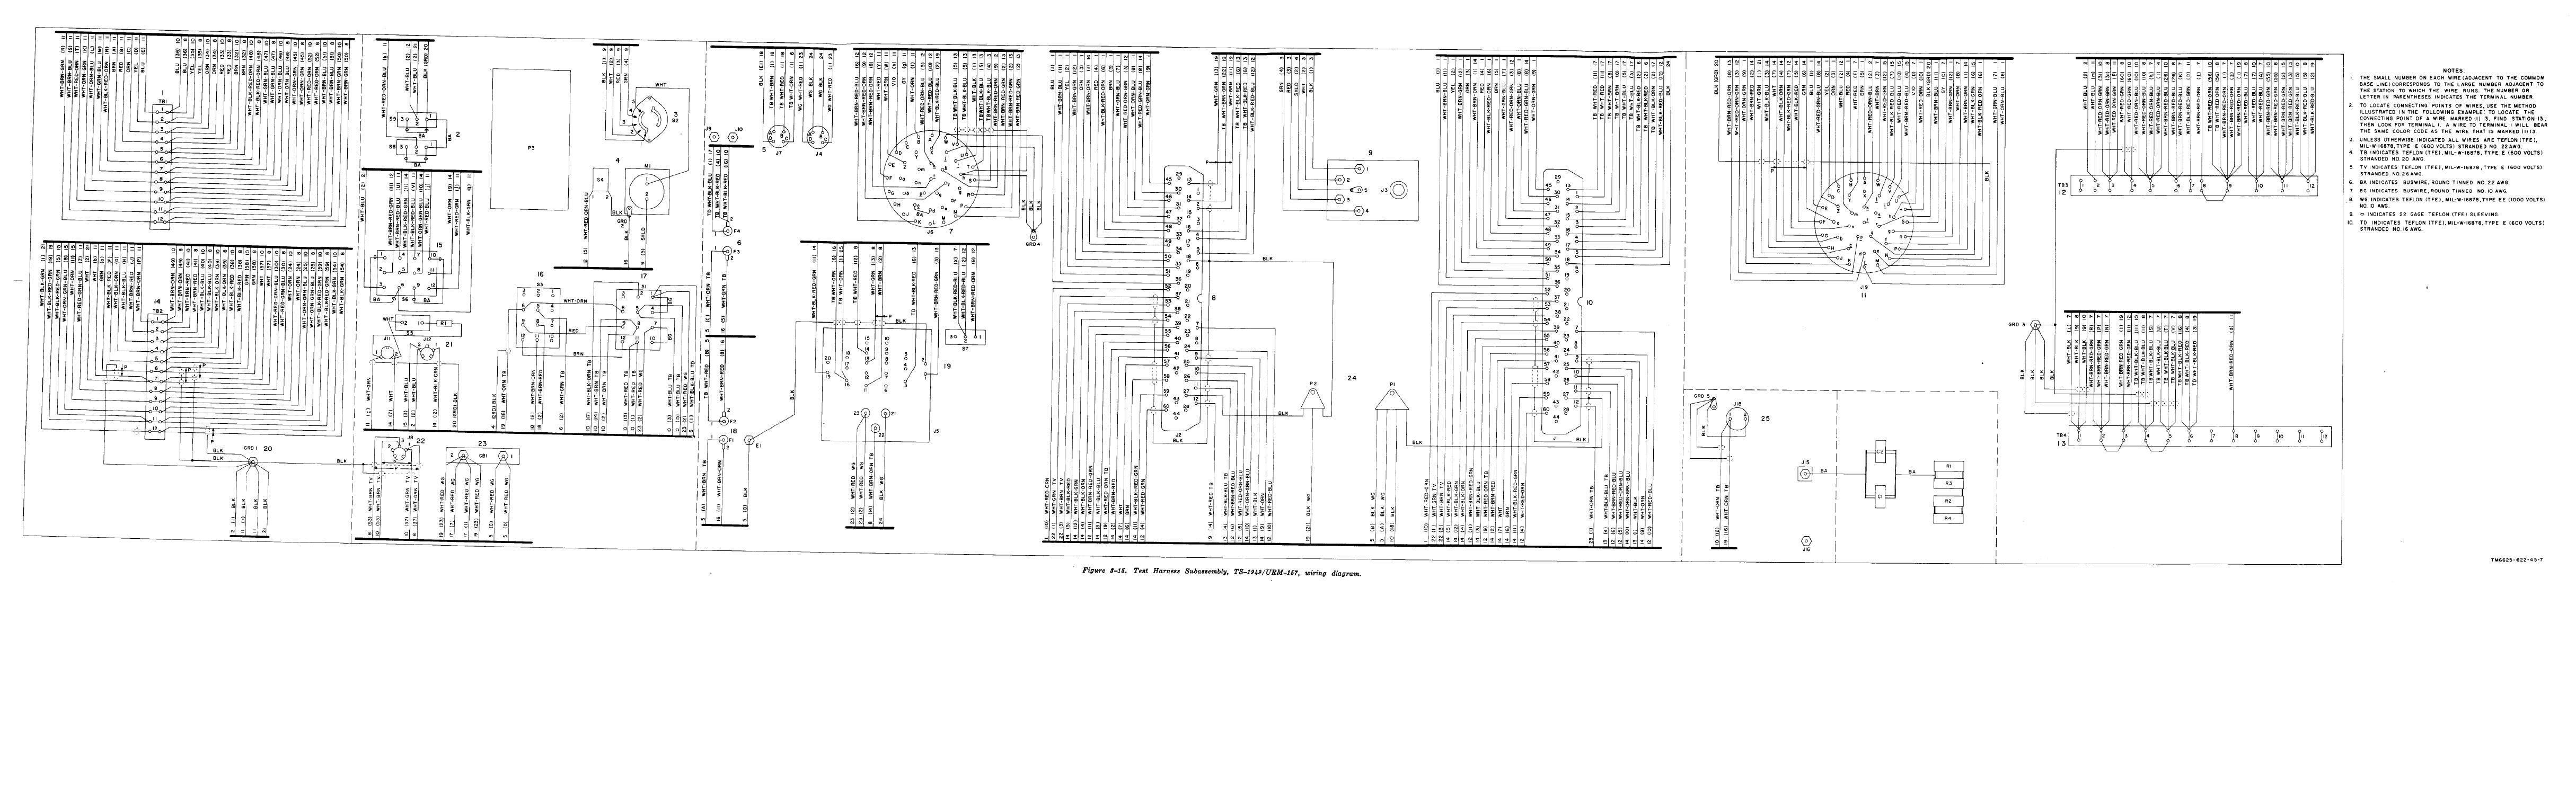 Diagram  Oppo A57 Schematic Diagram